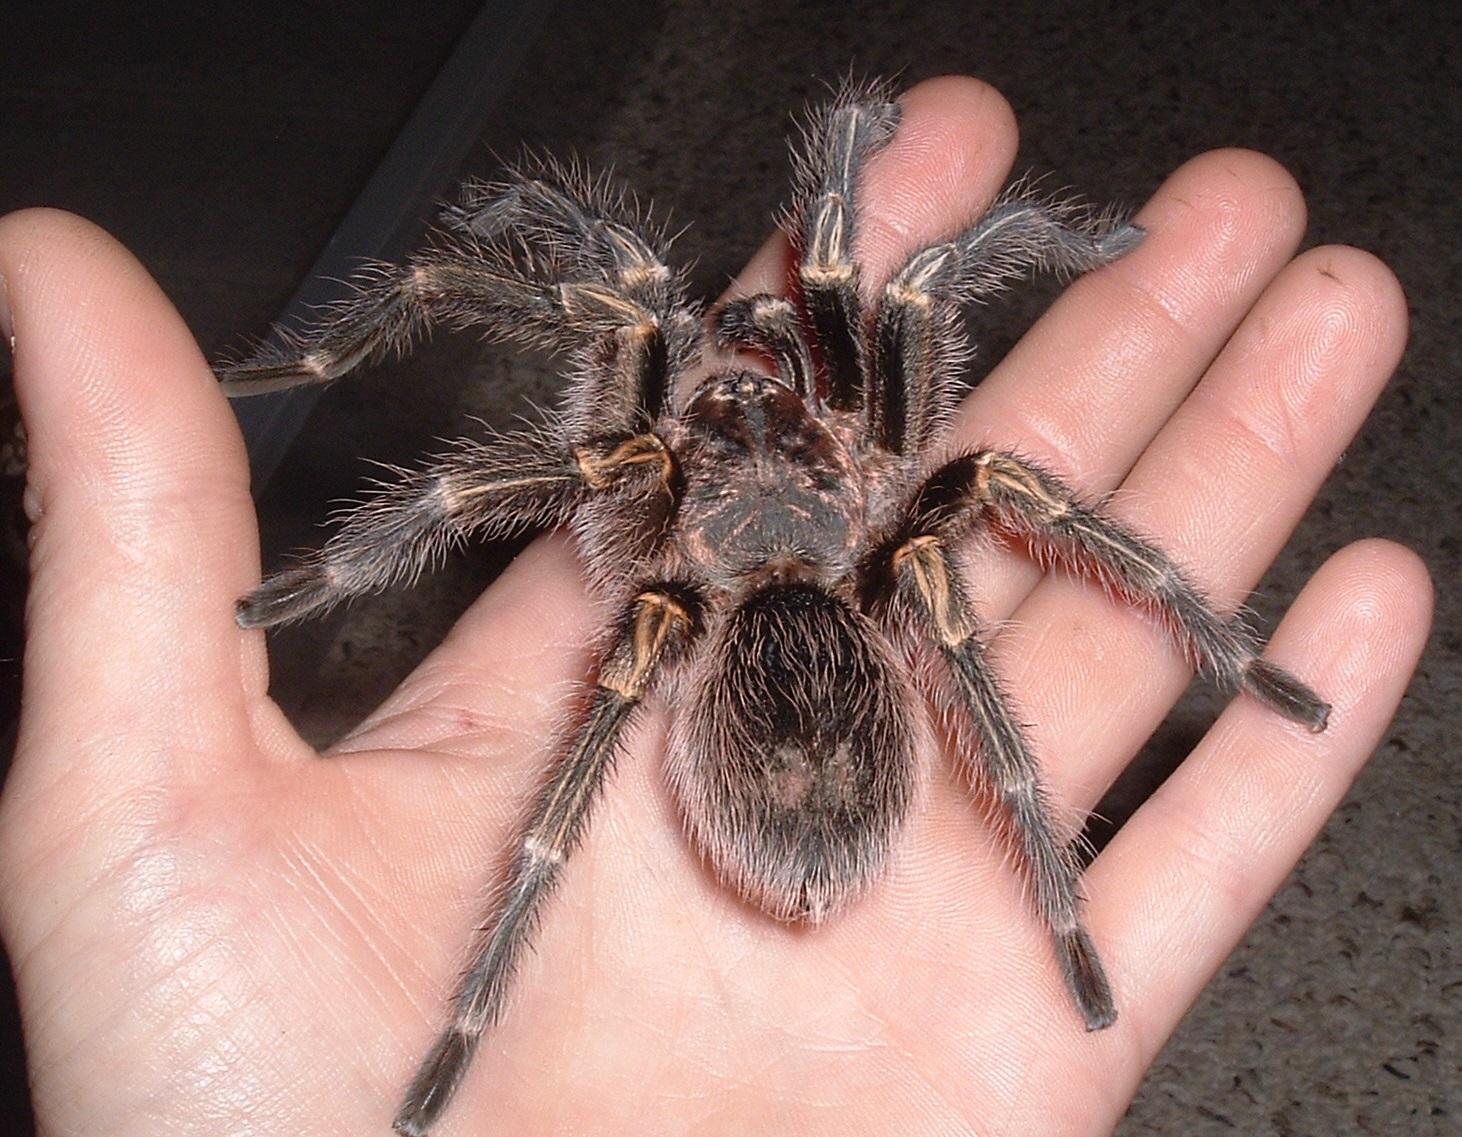 руку тарантул фото сибирь видно белые